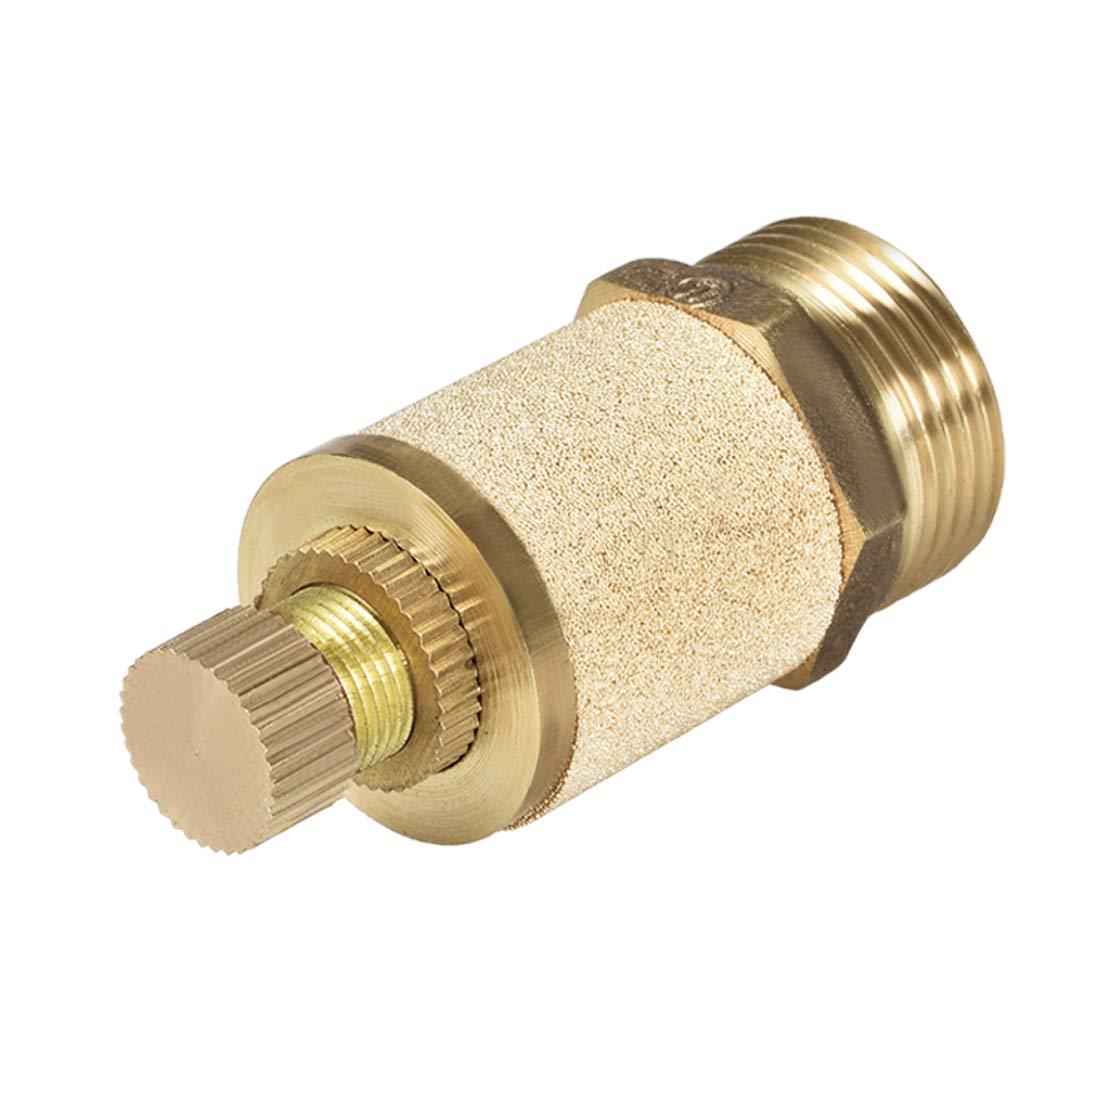 uxcell Sintered Bronze Exhaust Muffler,Top Adjustable,G1//8 Brass Body,Pneumatic Air Muffler,Air Flow Speed Controller,Flow Control Muffler